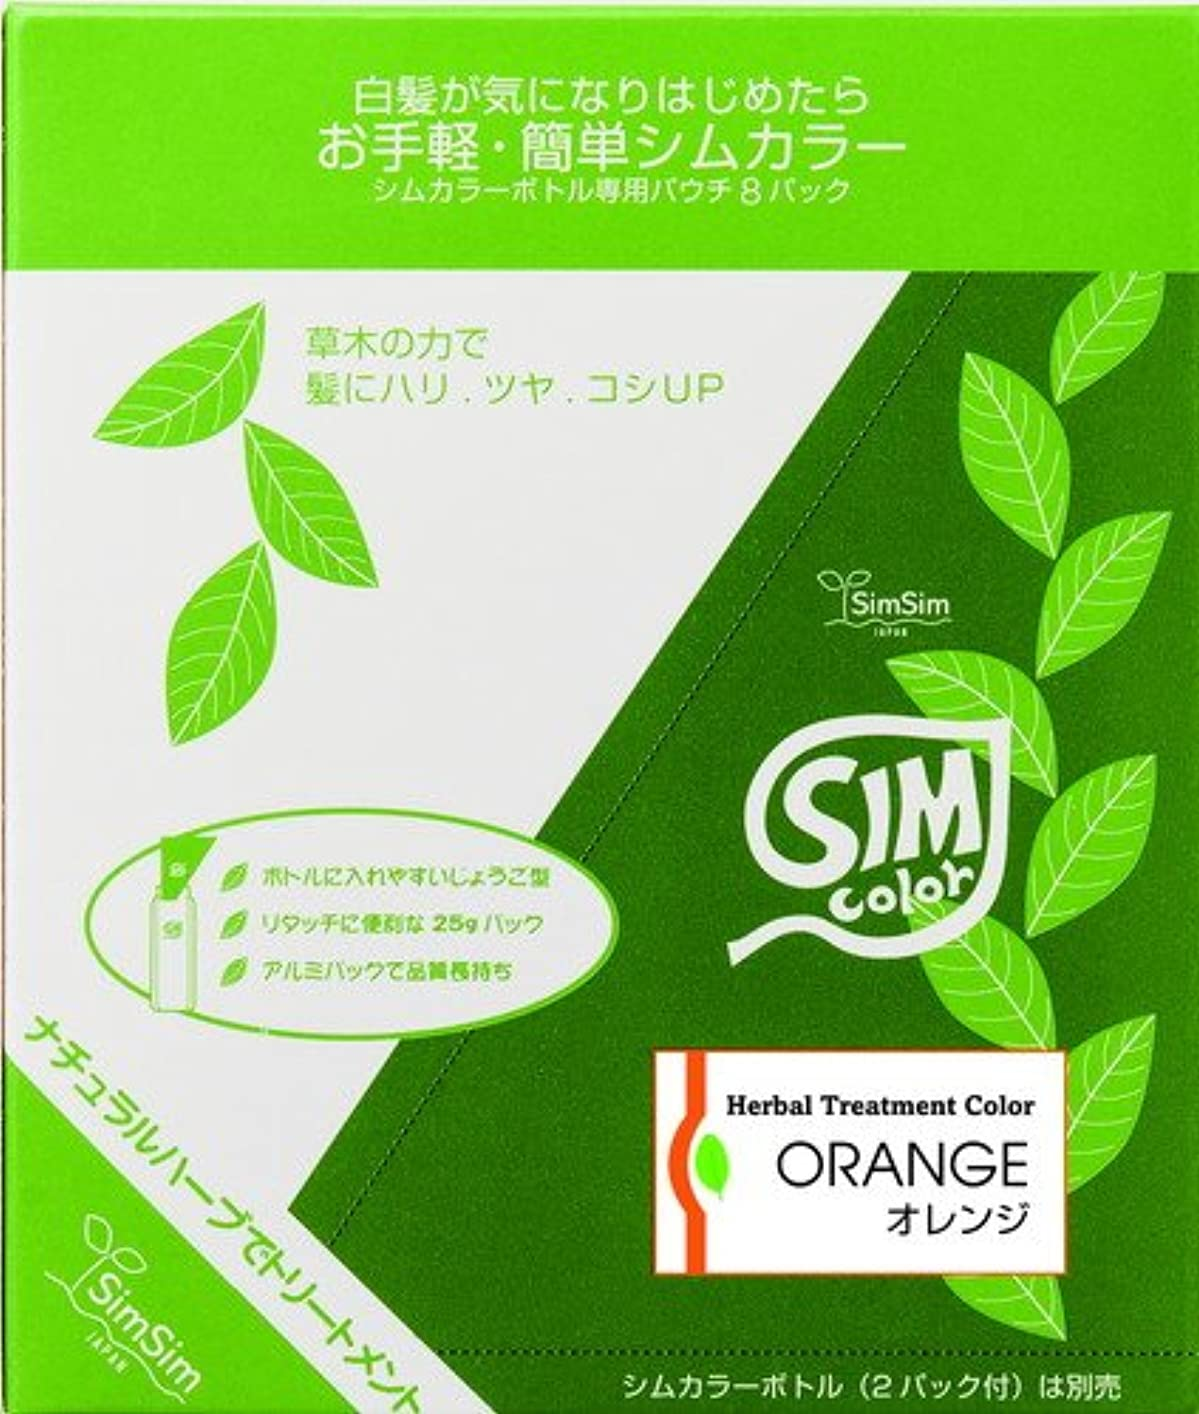 倍増豊かにする与えるSimSim(シムシム)お手軽簡単シムカラーエクストラ(EX)25g 8袋 オレンジ